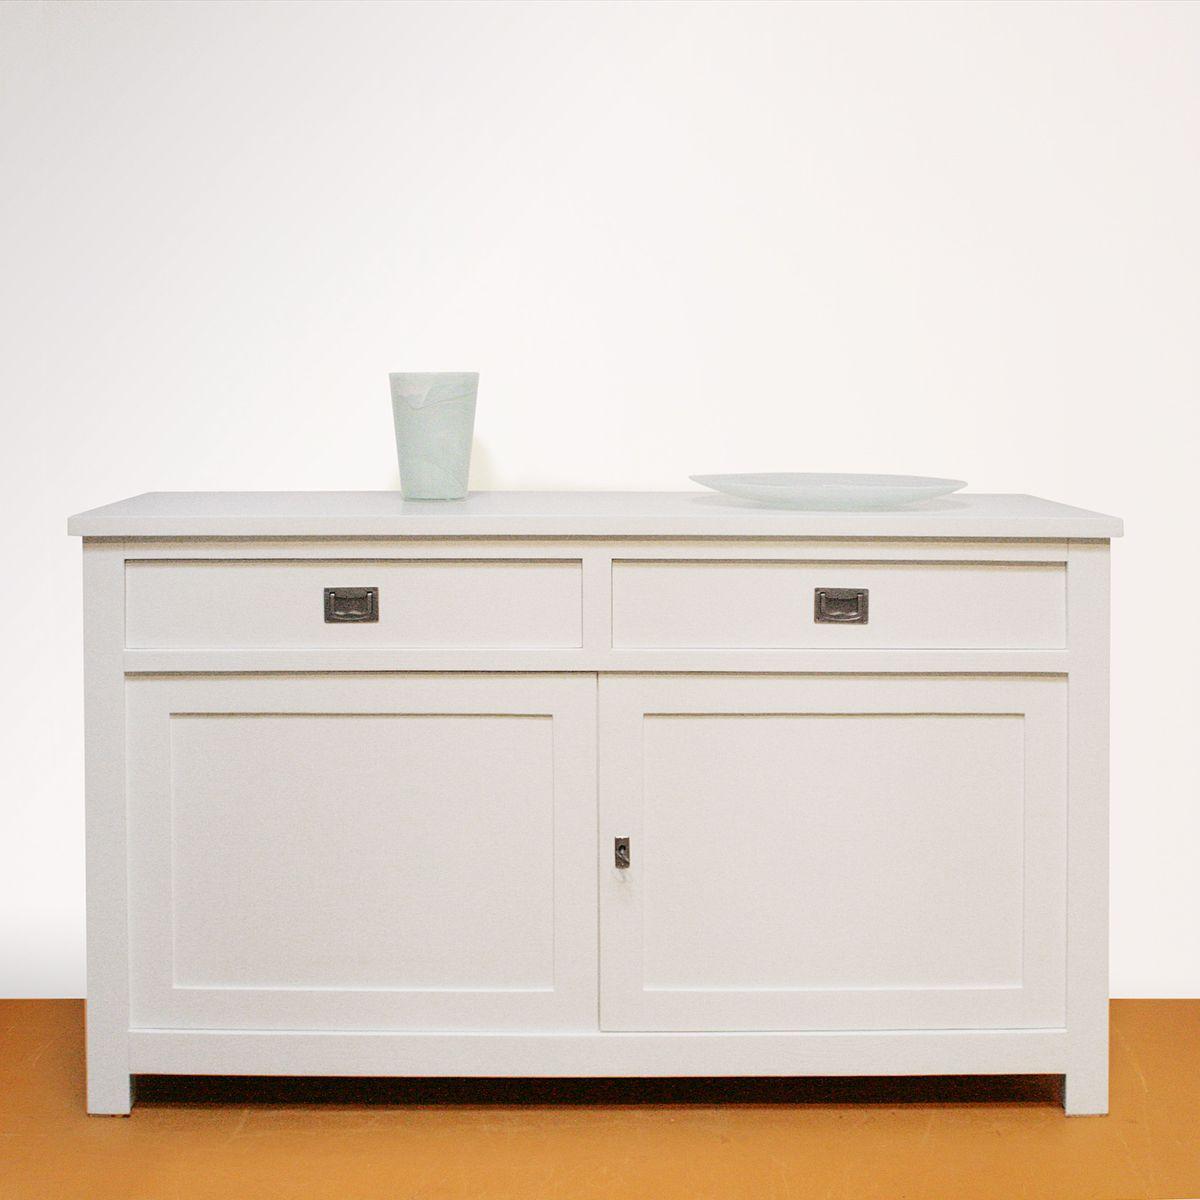 Strak wit dressoir gerard keune meubels op maat - Eettafel schans ...